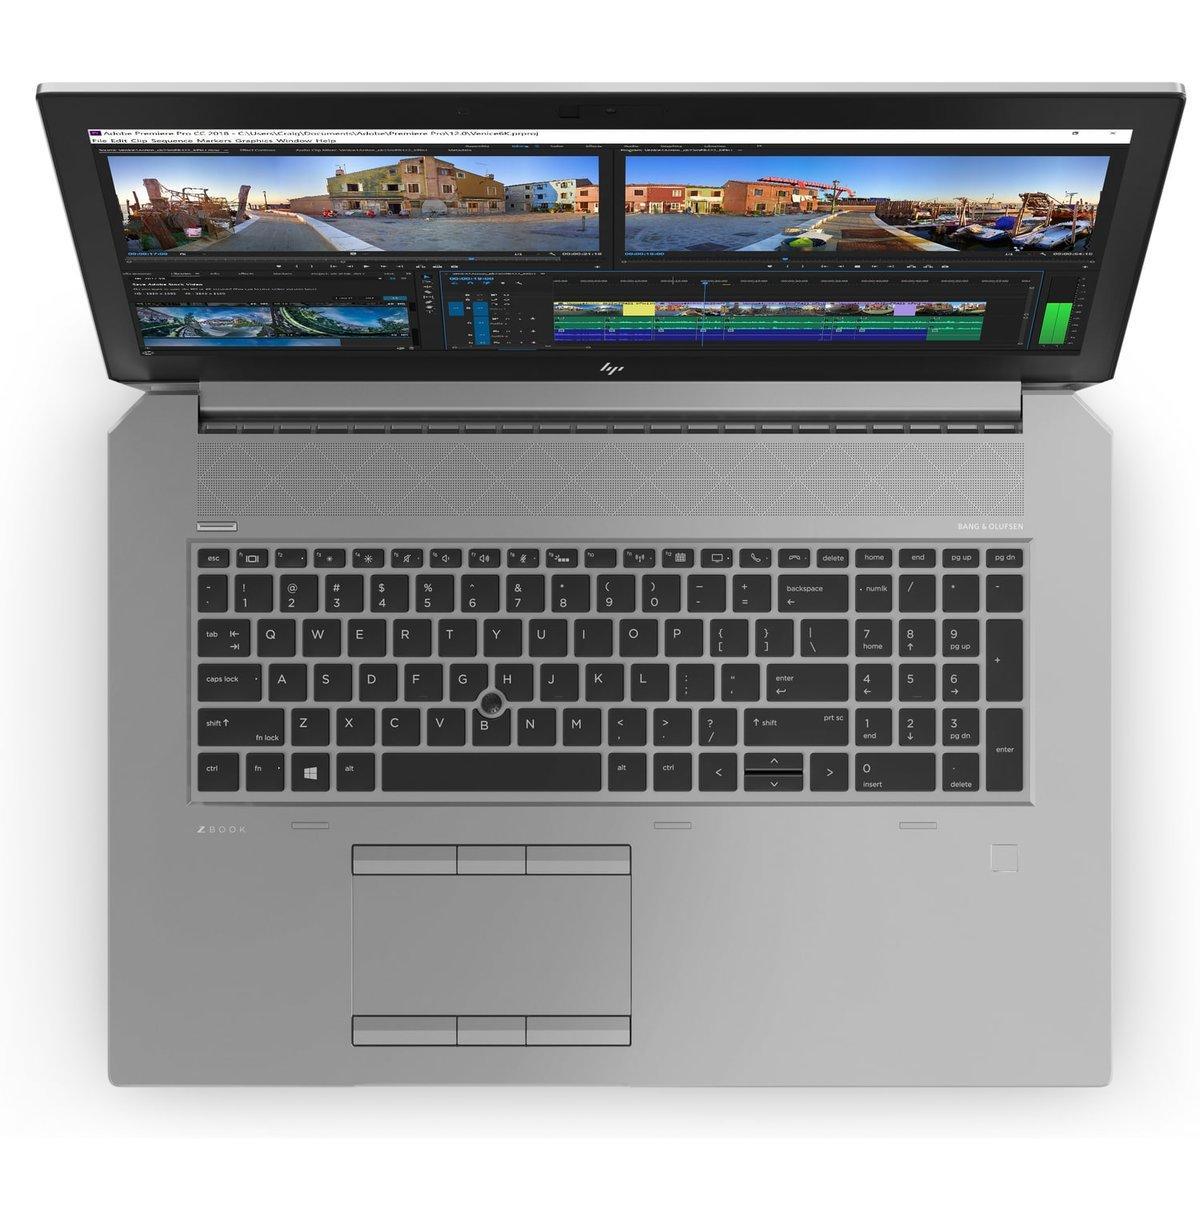 Клавиатура стандартная с цифровым блоком